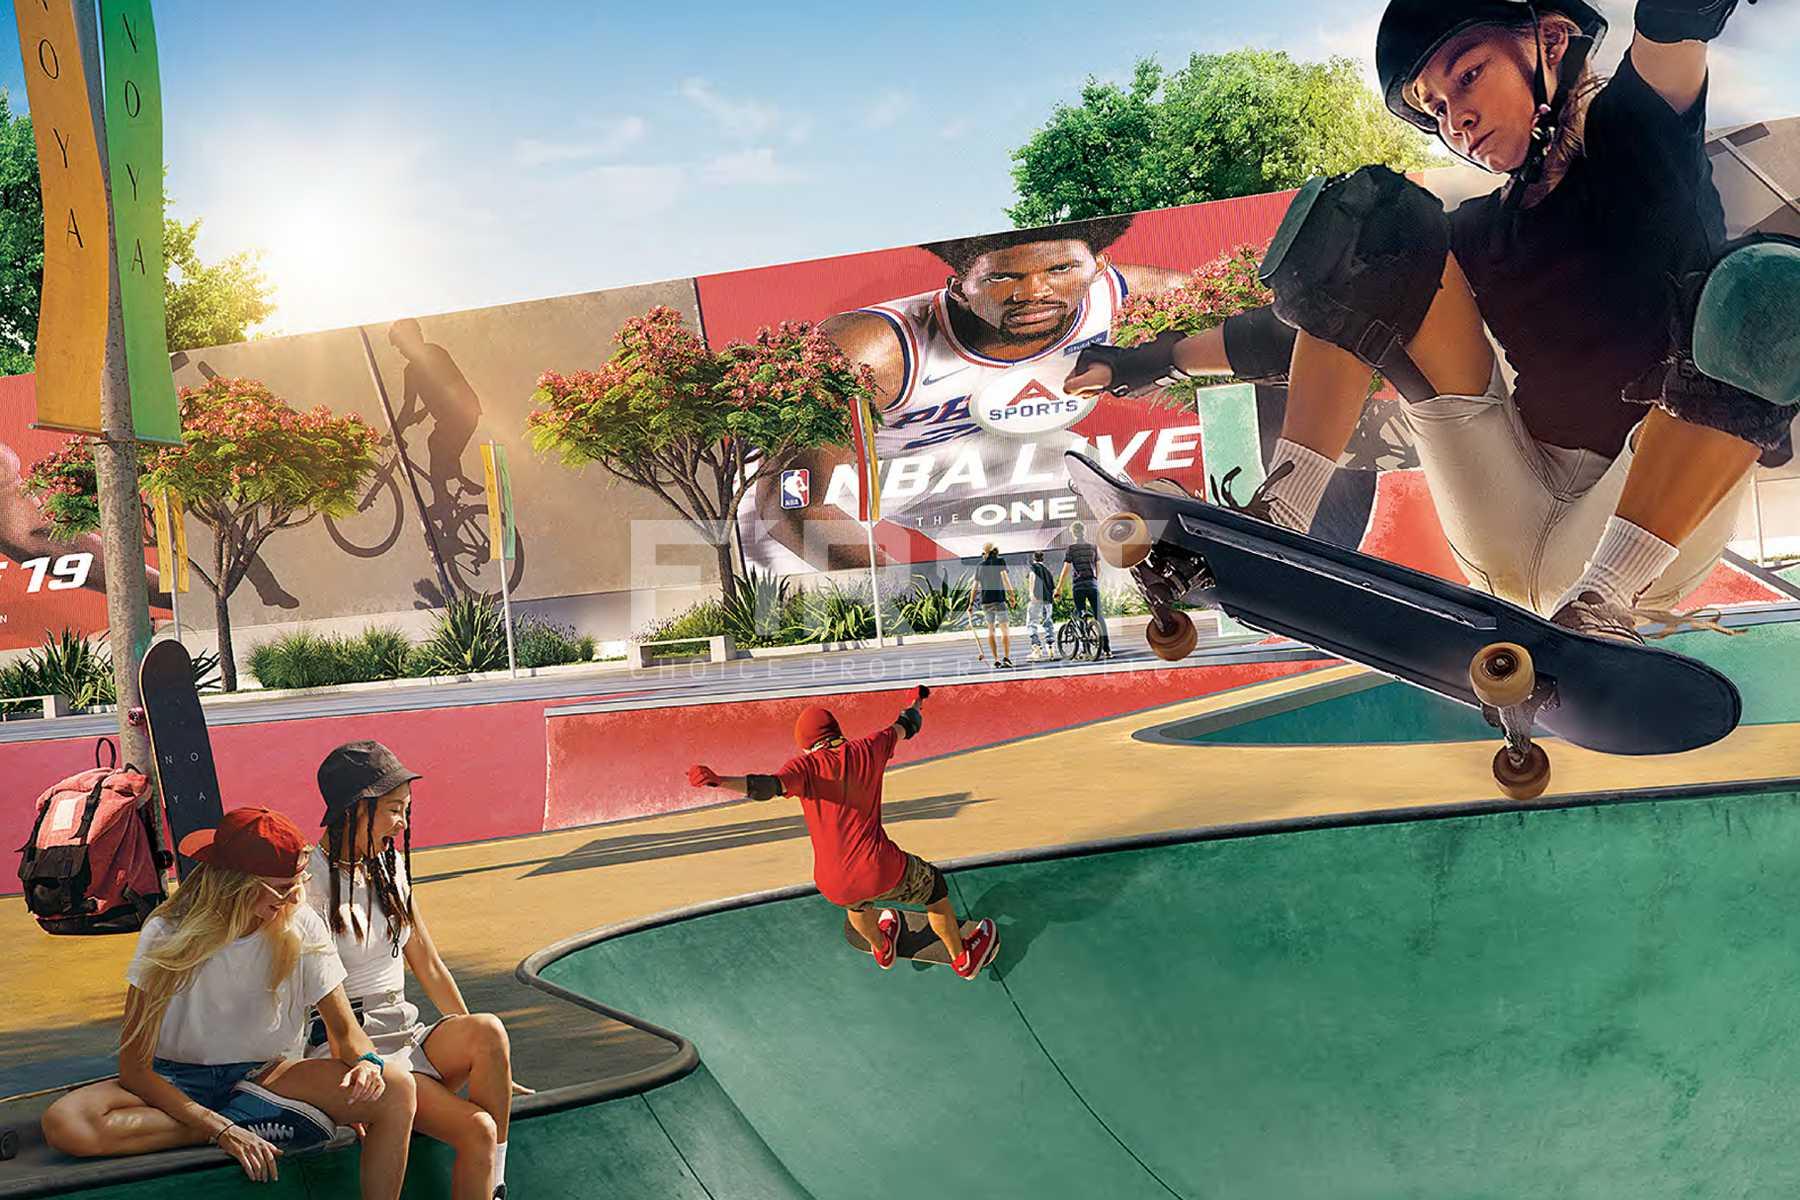 External Photo of Noya Viva in Yas Island Abu Dhabi UAE (7).jpg